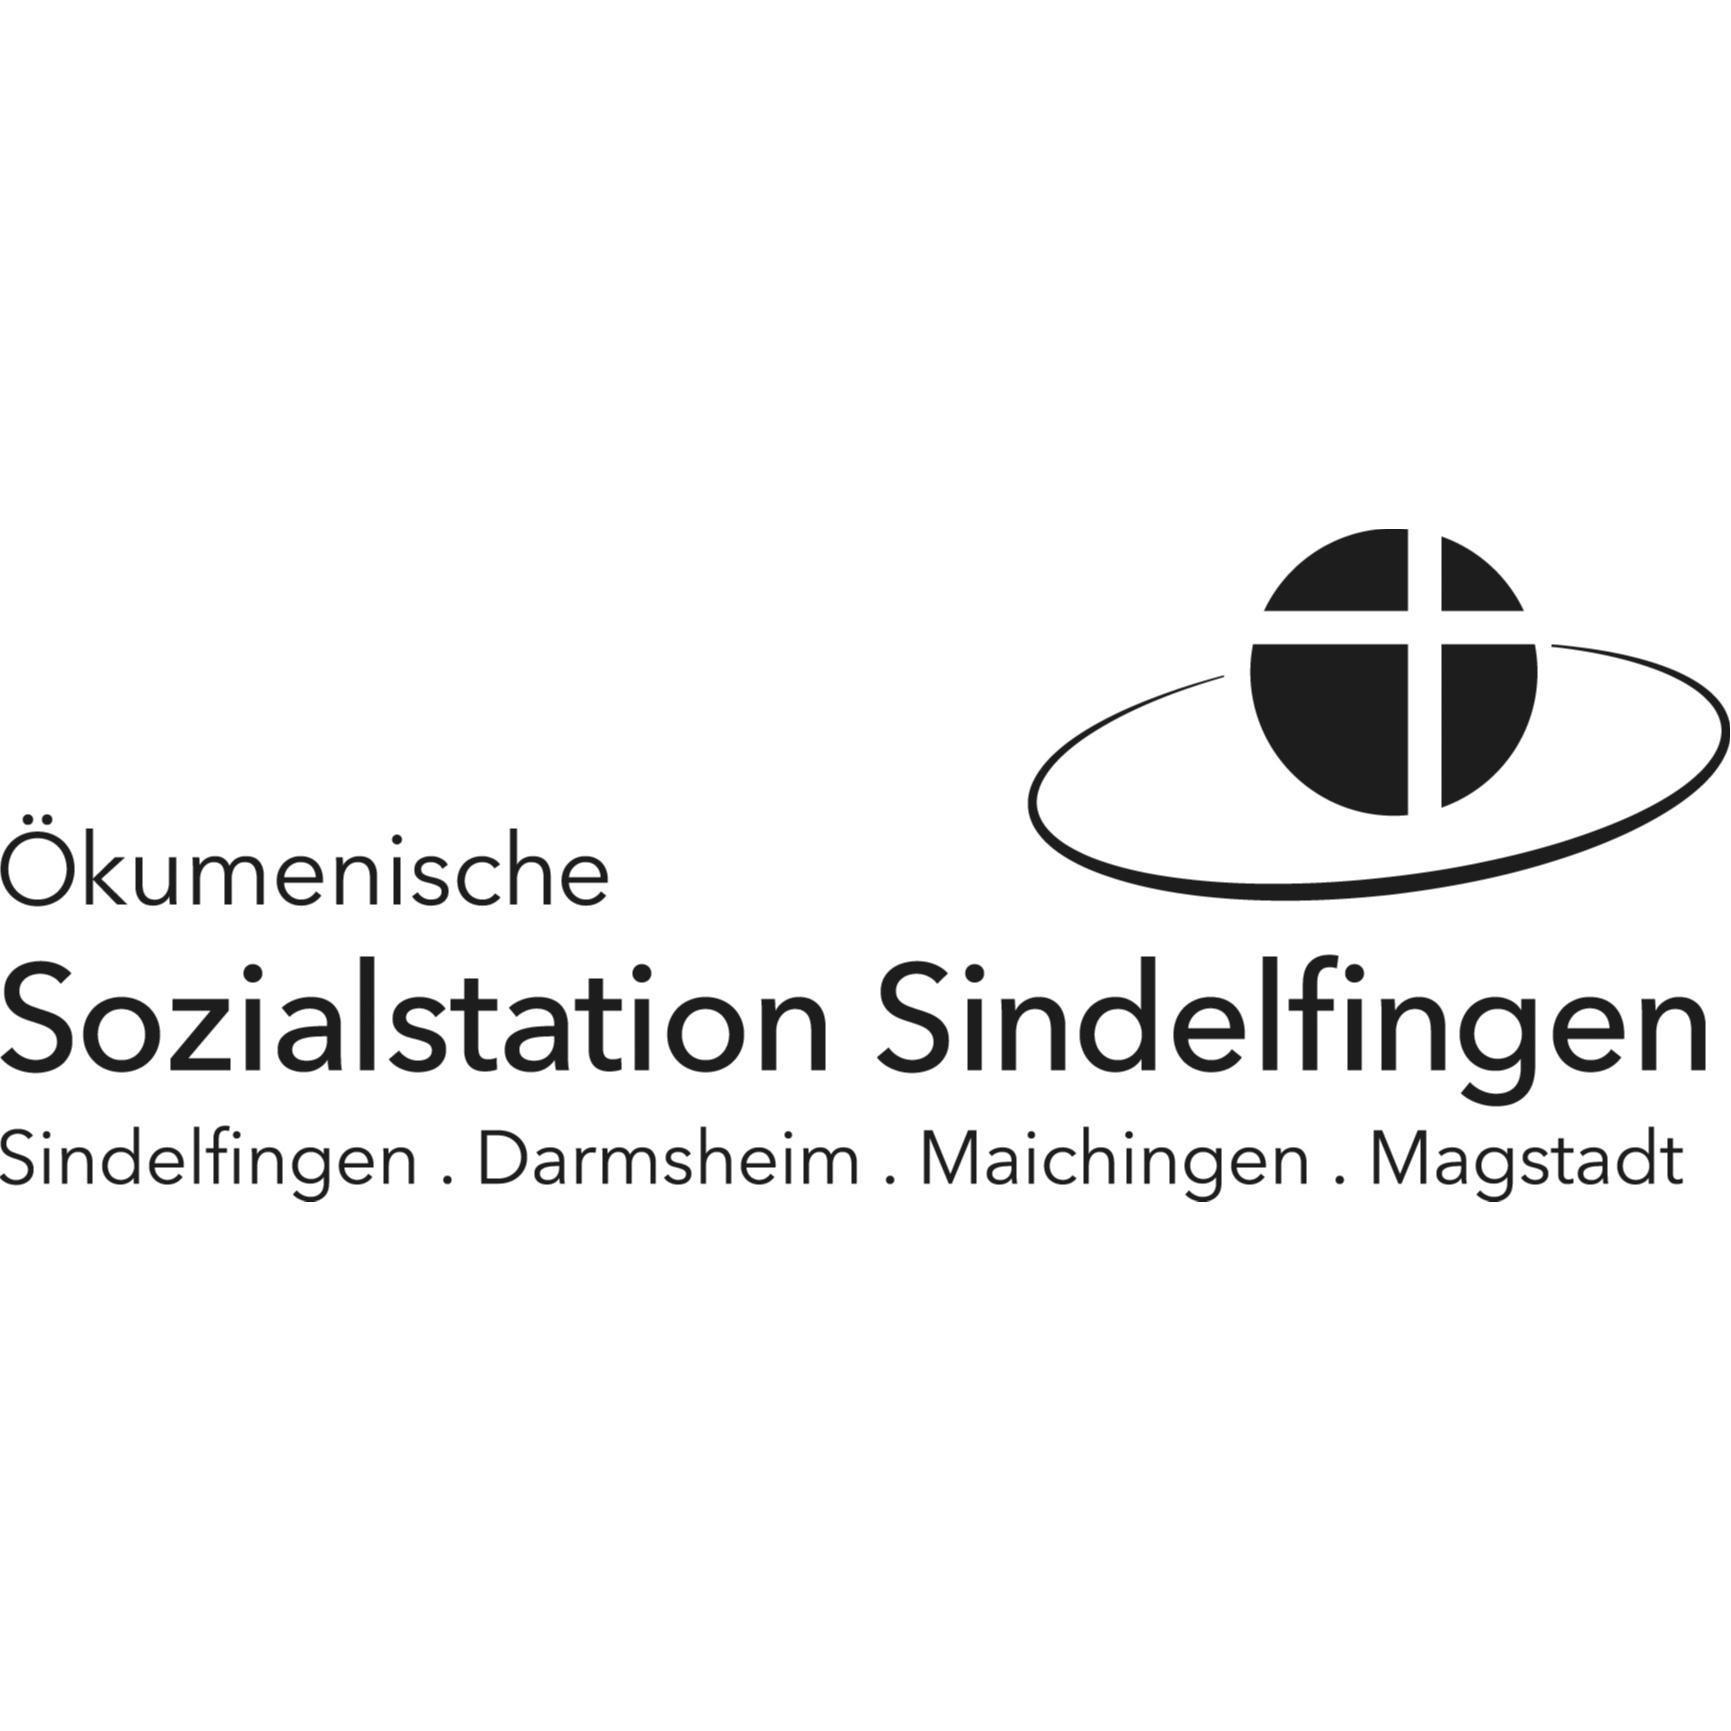 Bild zu Ökumenische Sozialstation Sindelfingen gGmbH in Sindelfingen